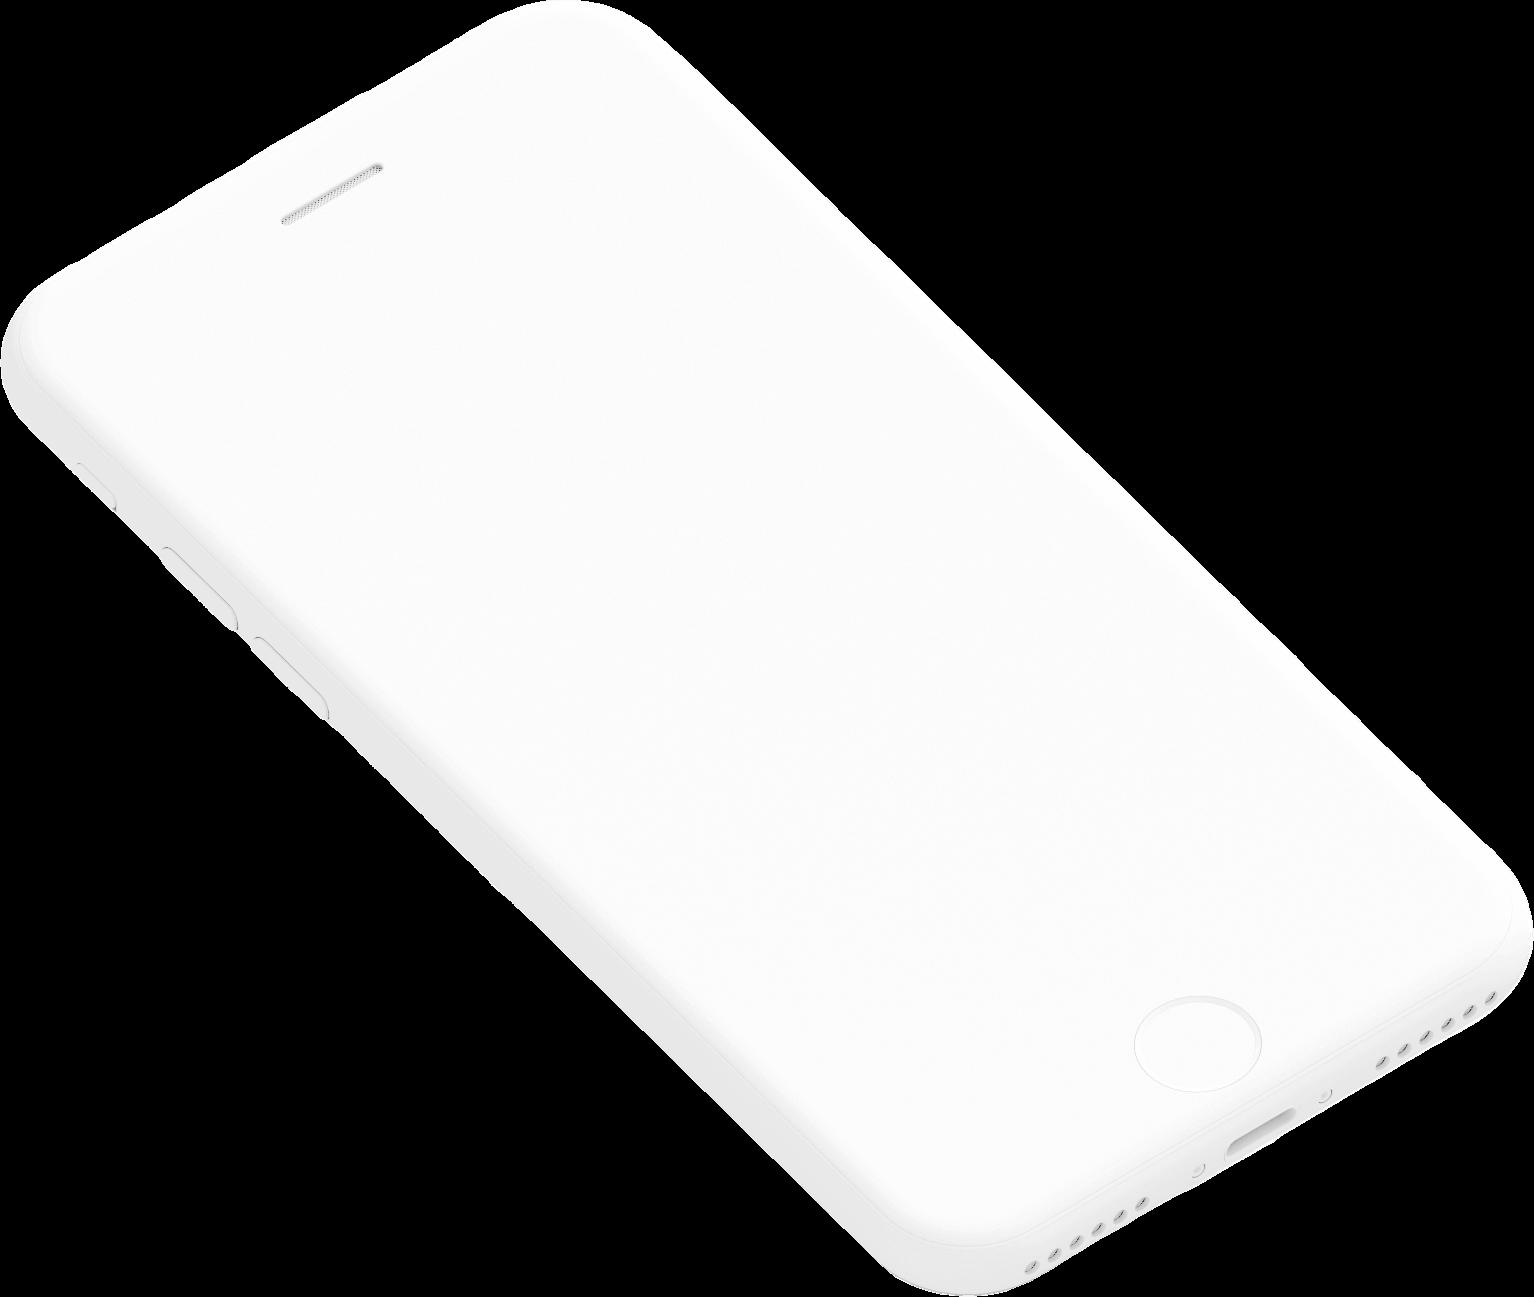 MoovOn Handheld Device